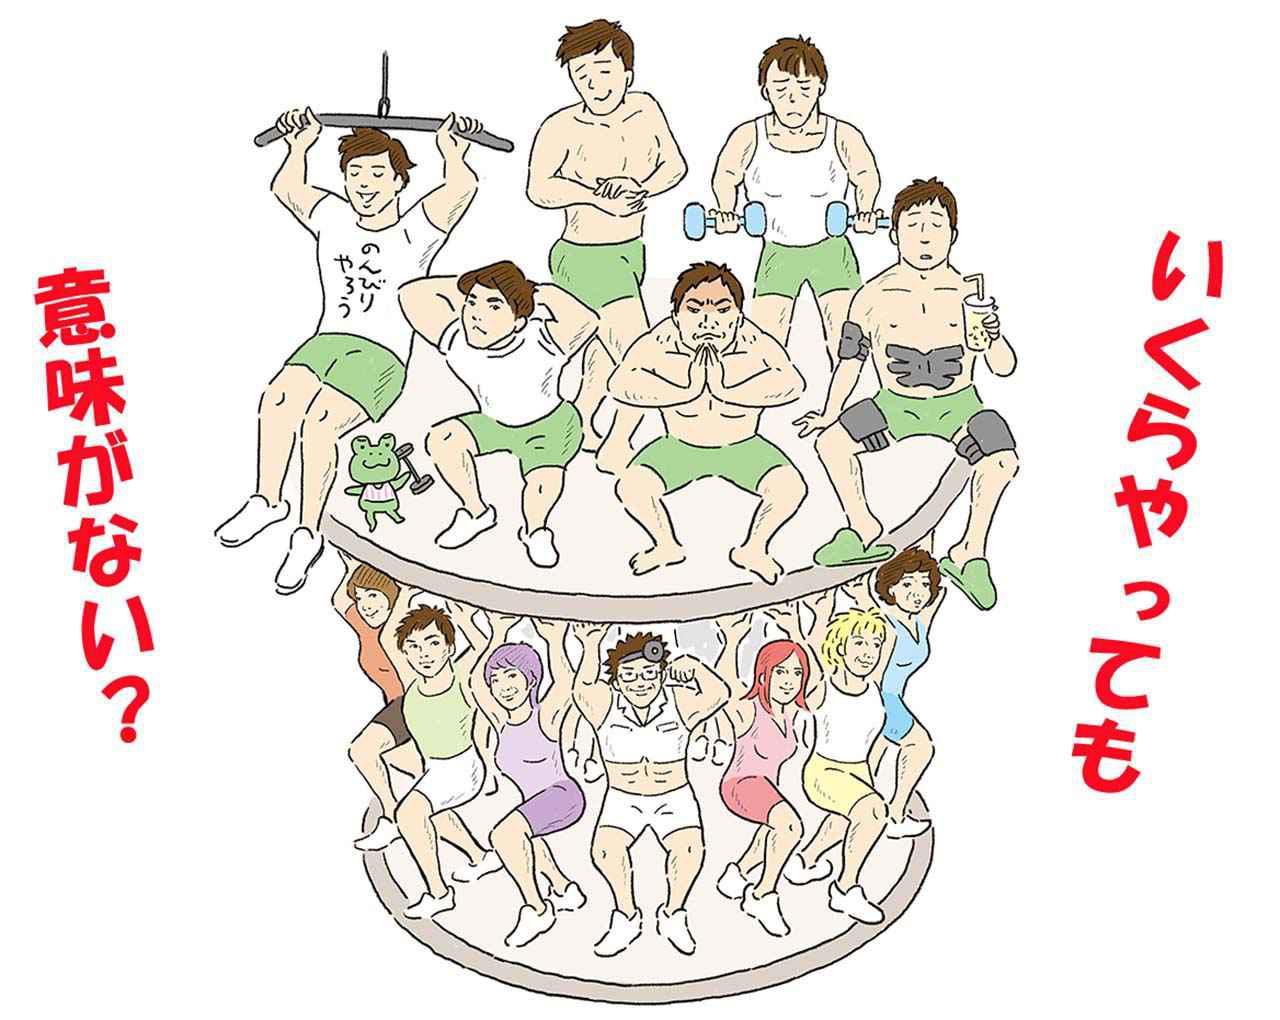 画像: 【正しい筋トレのやり方】初心者におすすめのメニューは「たった6つ」筋肉ドクターが紹介! - 特選街web